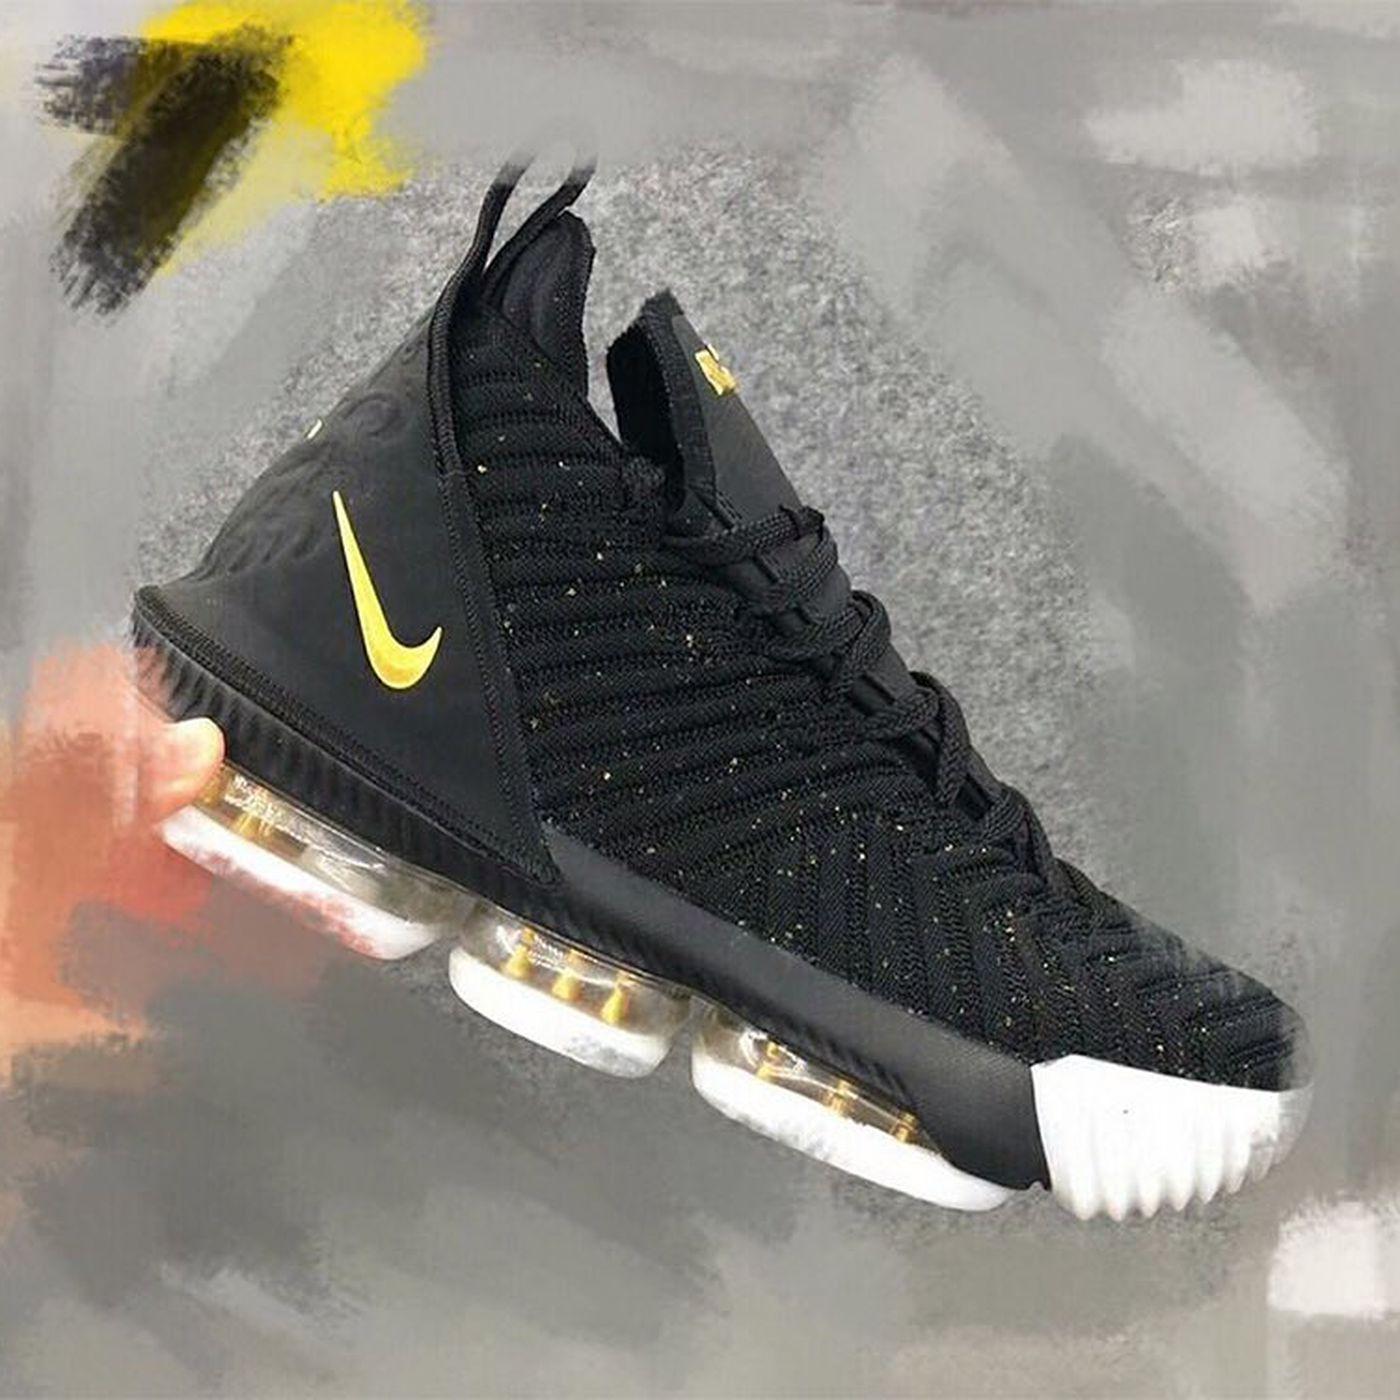 98e5fd053f9d Sneak peek at Nike LeBron 16 leaks on Twitter - Silver Screen and Roll